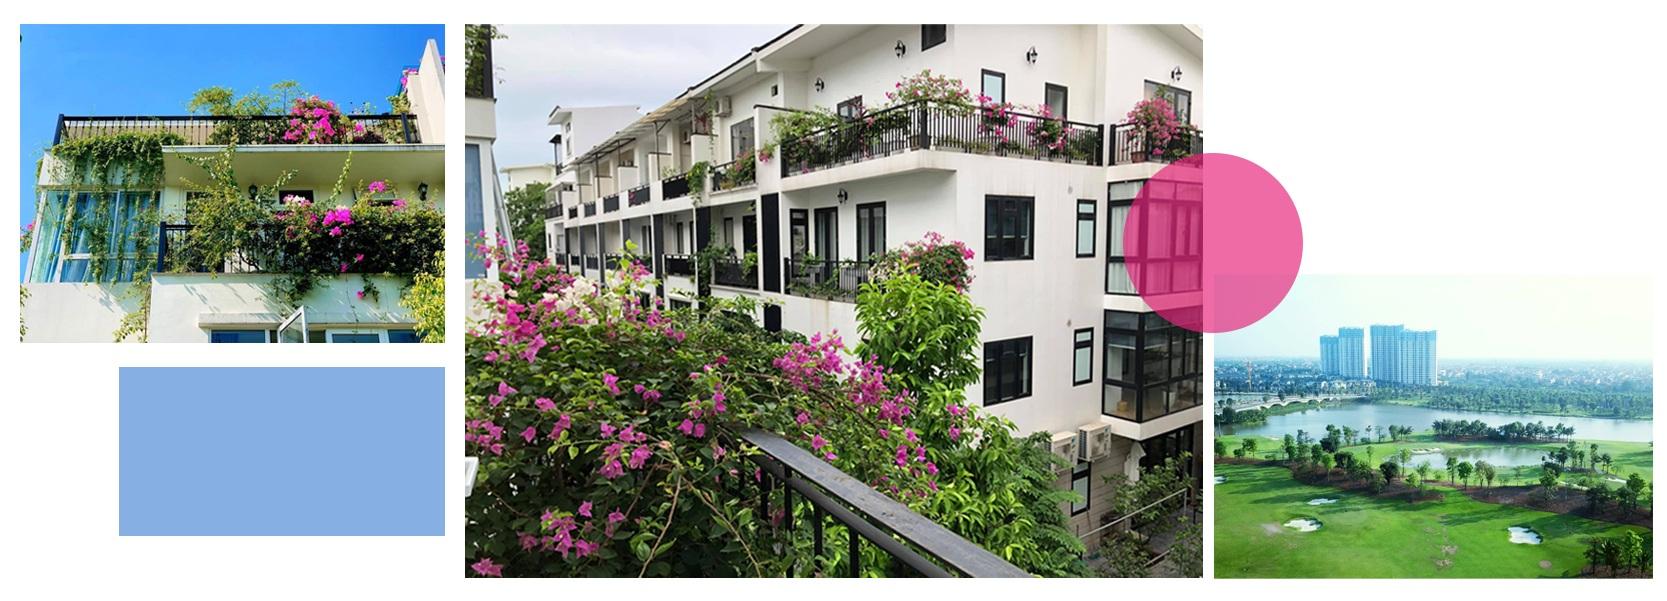 Ngắm thành phố xanh Ecopark đẹp mê mẩn trong mùa hoa giấy - 9